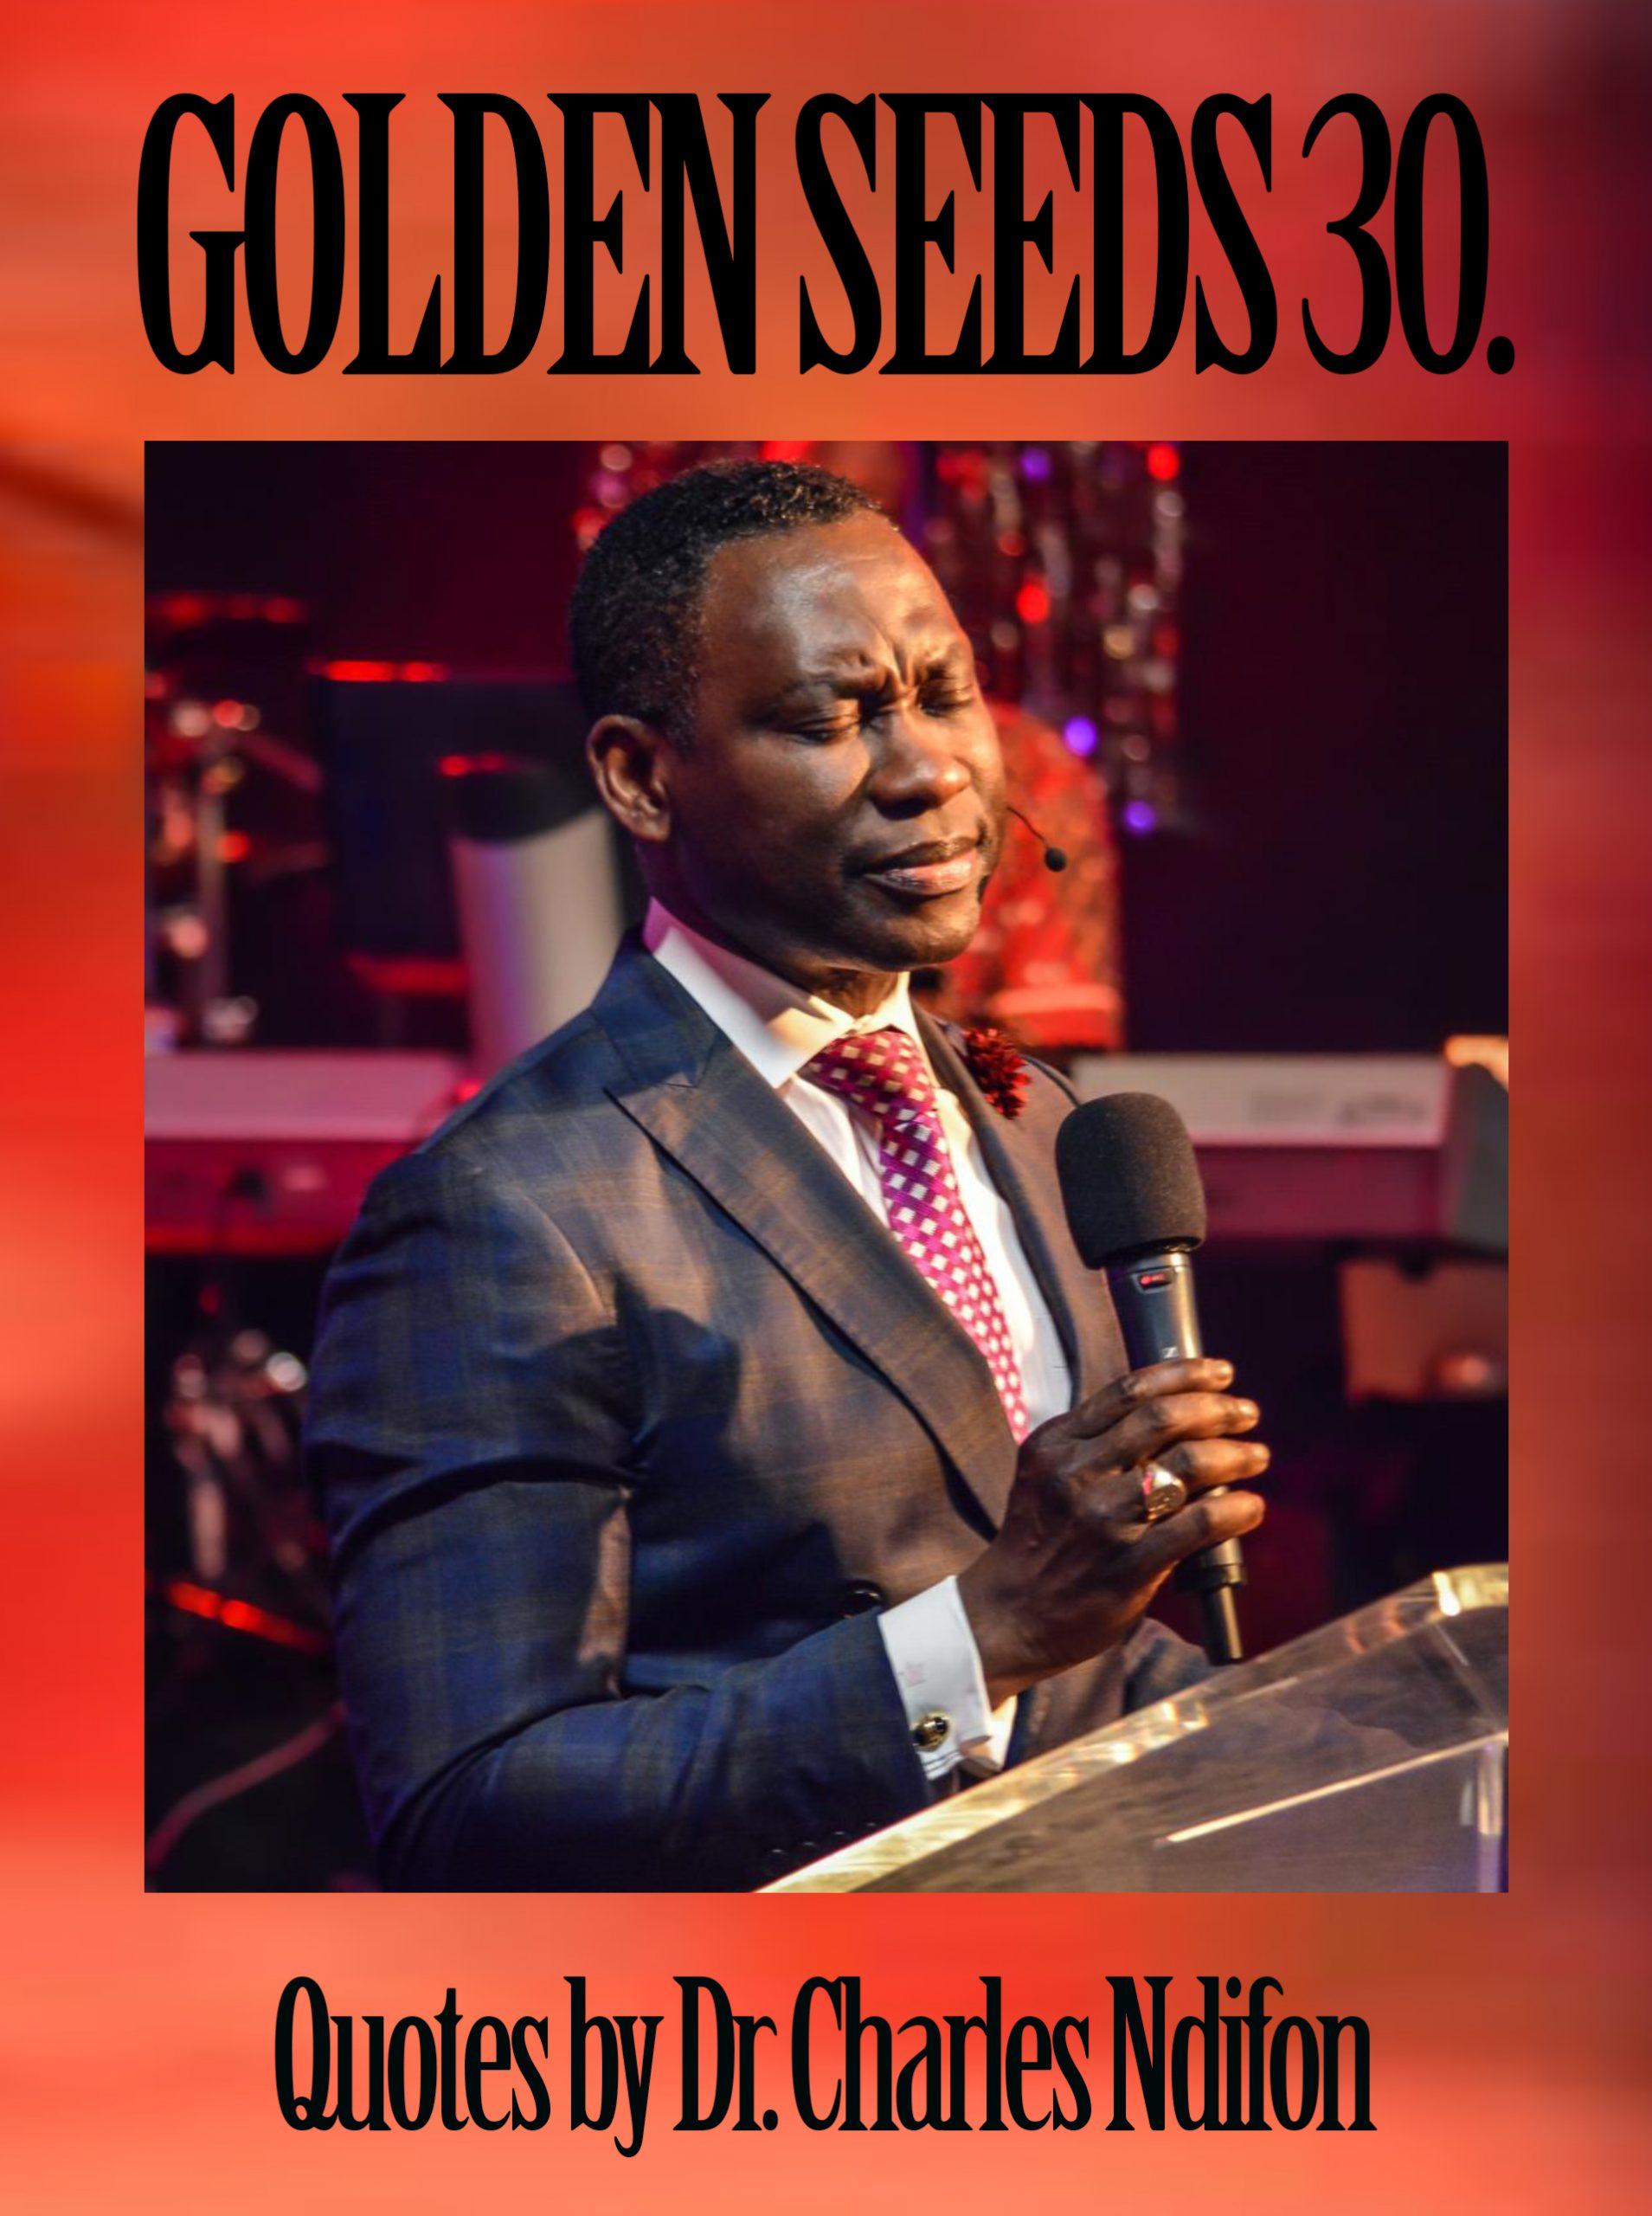 Golden Seeds 30.